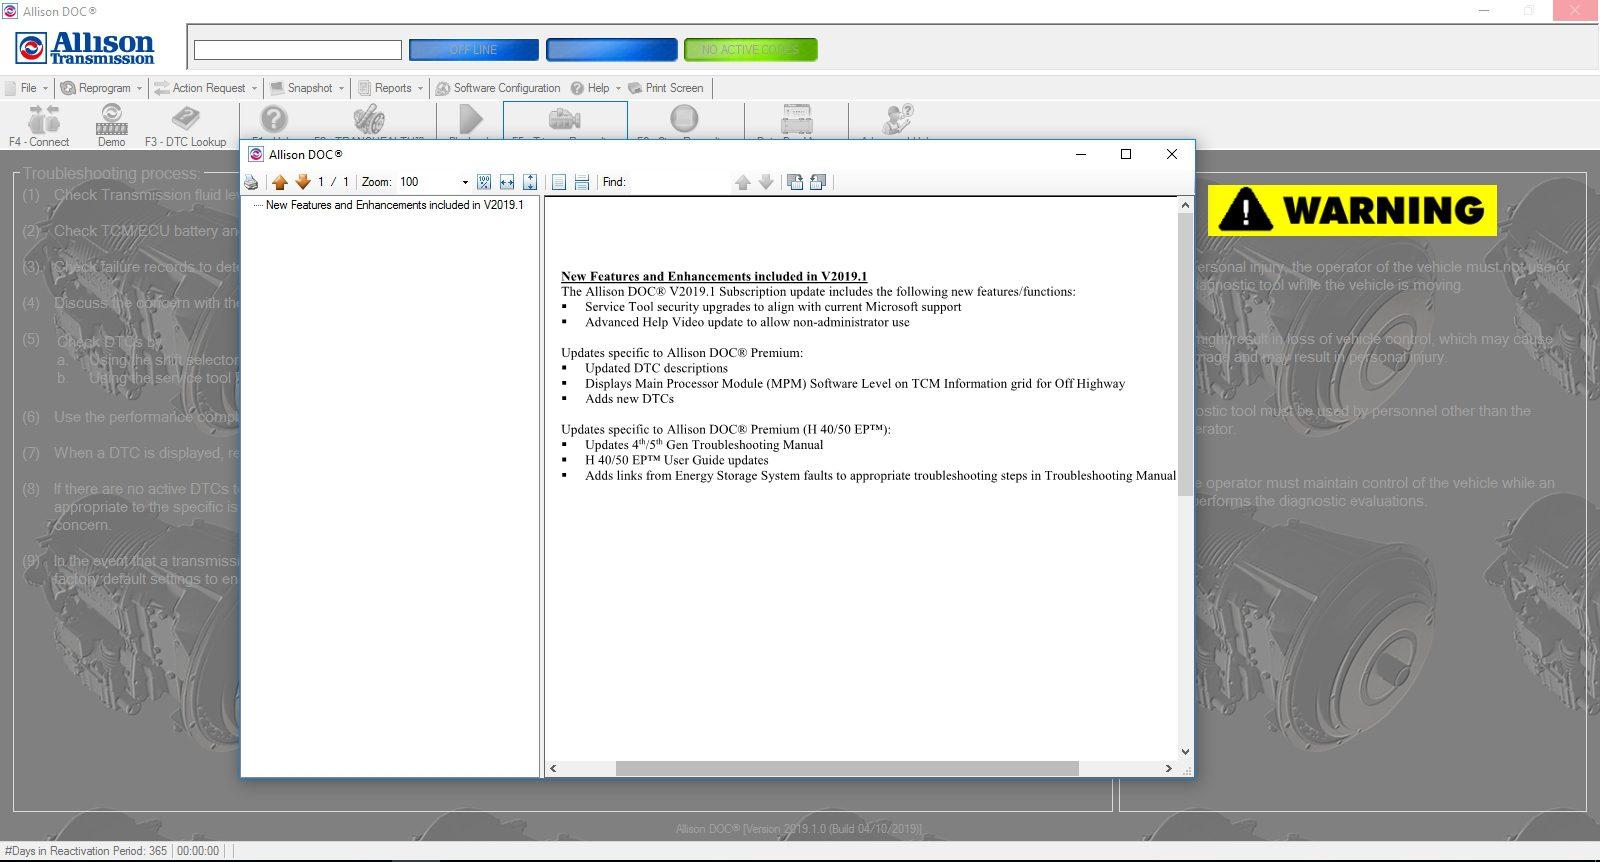 Universal_Allison_DOC_v201910_Build_042019_Transmission_Diagnostic_Software_Full_Instruction_18